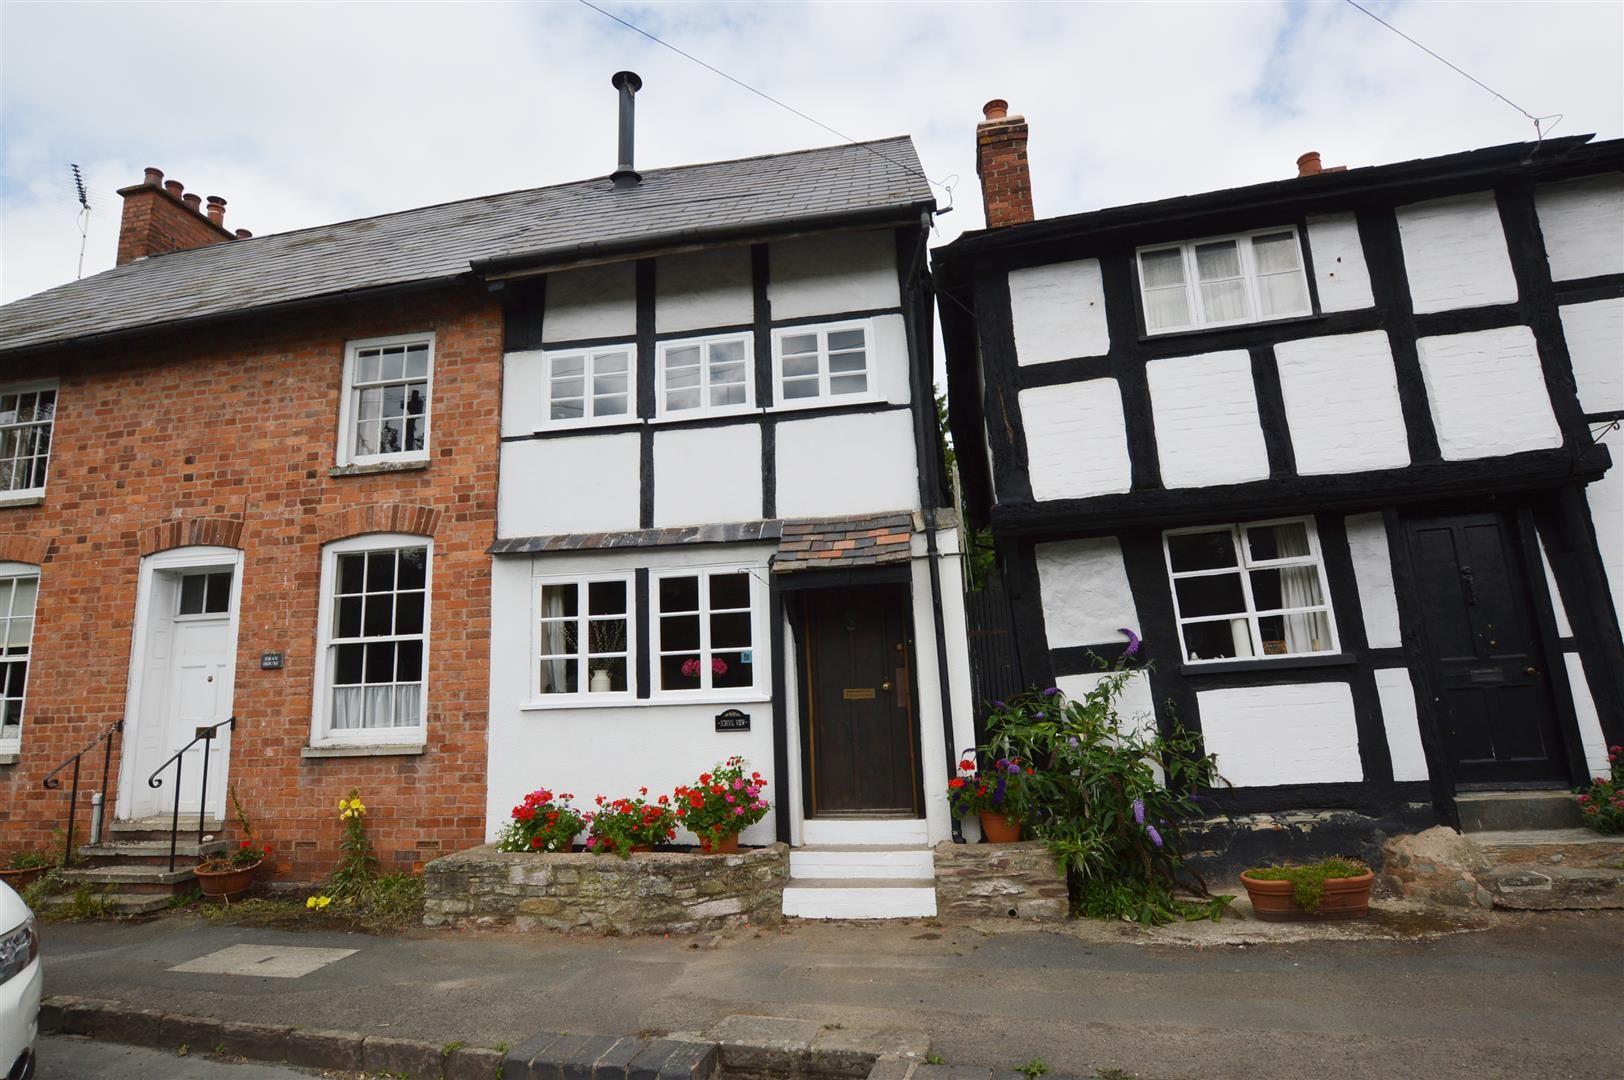 3 bed cottage for sale in Pembridge, HR6